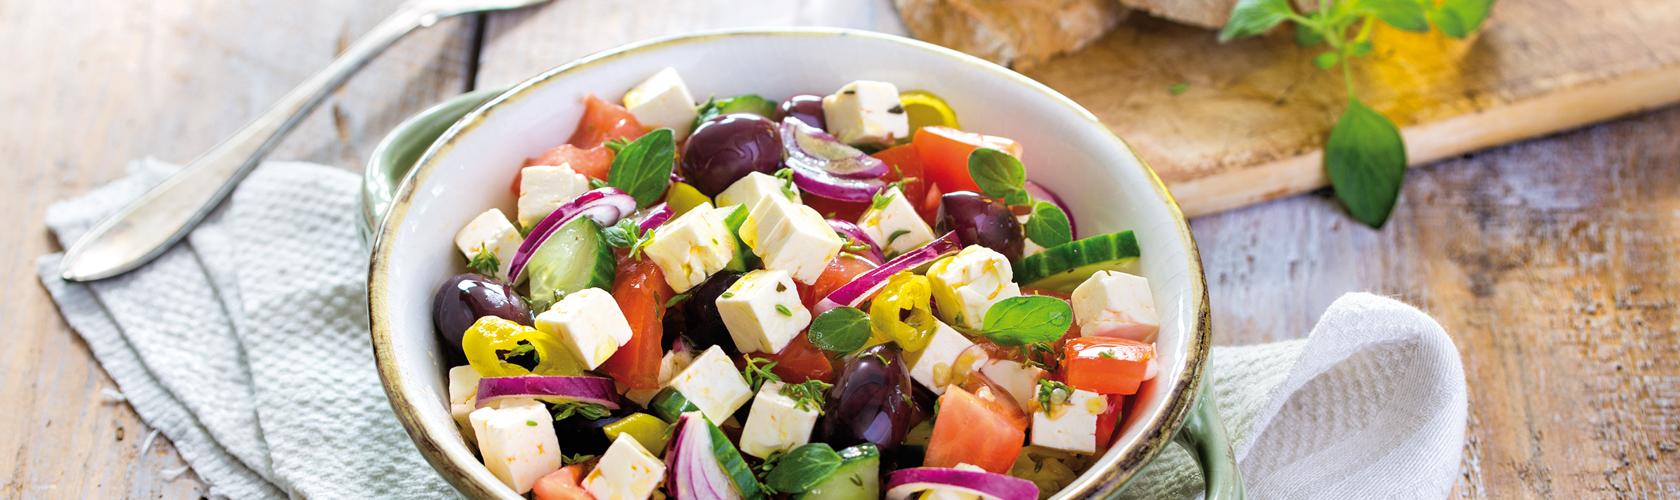 Käsewürfel im Salat